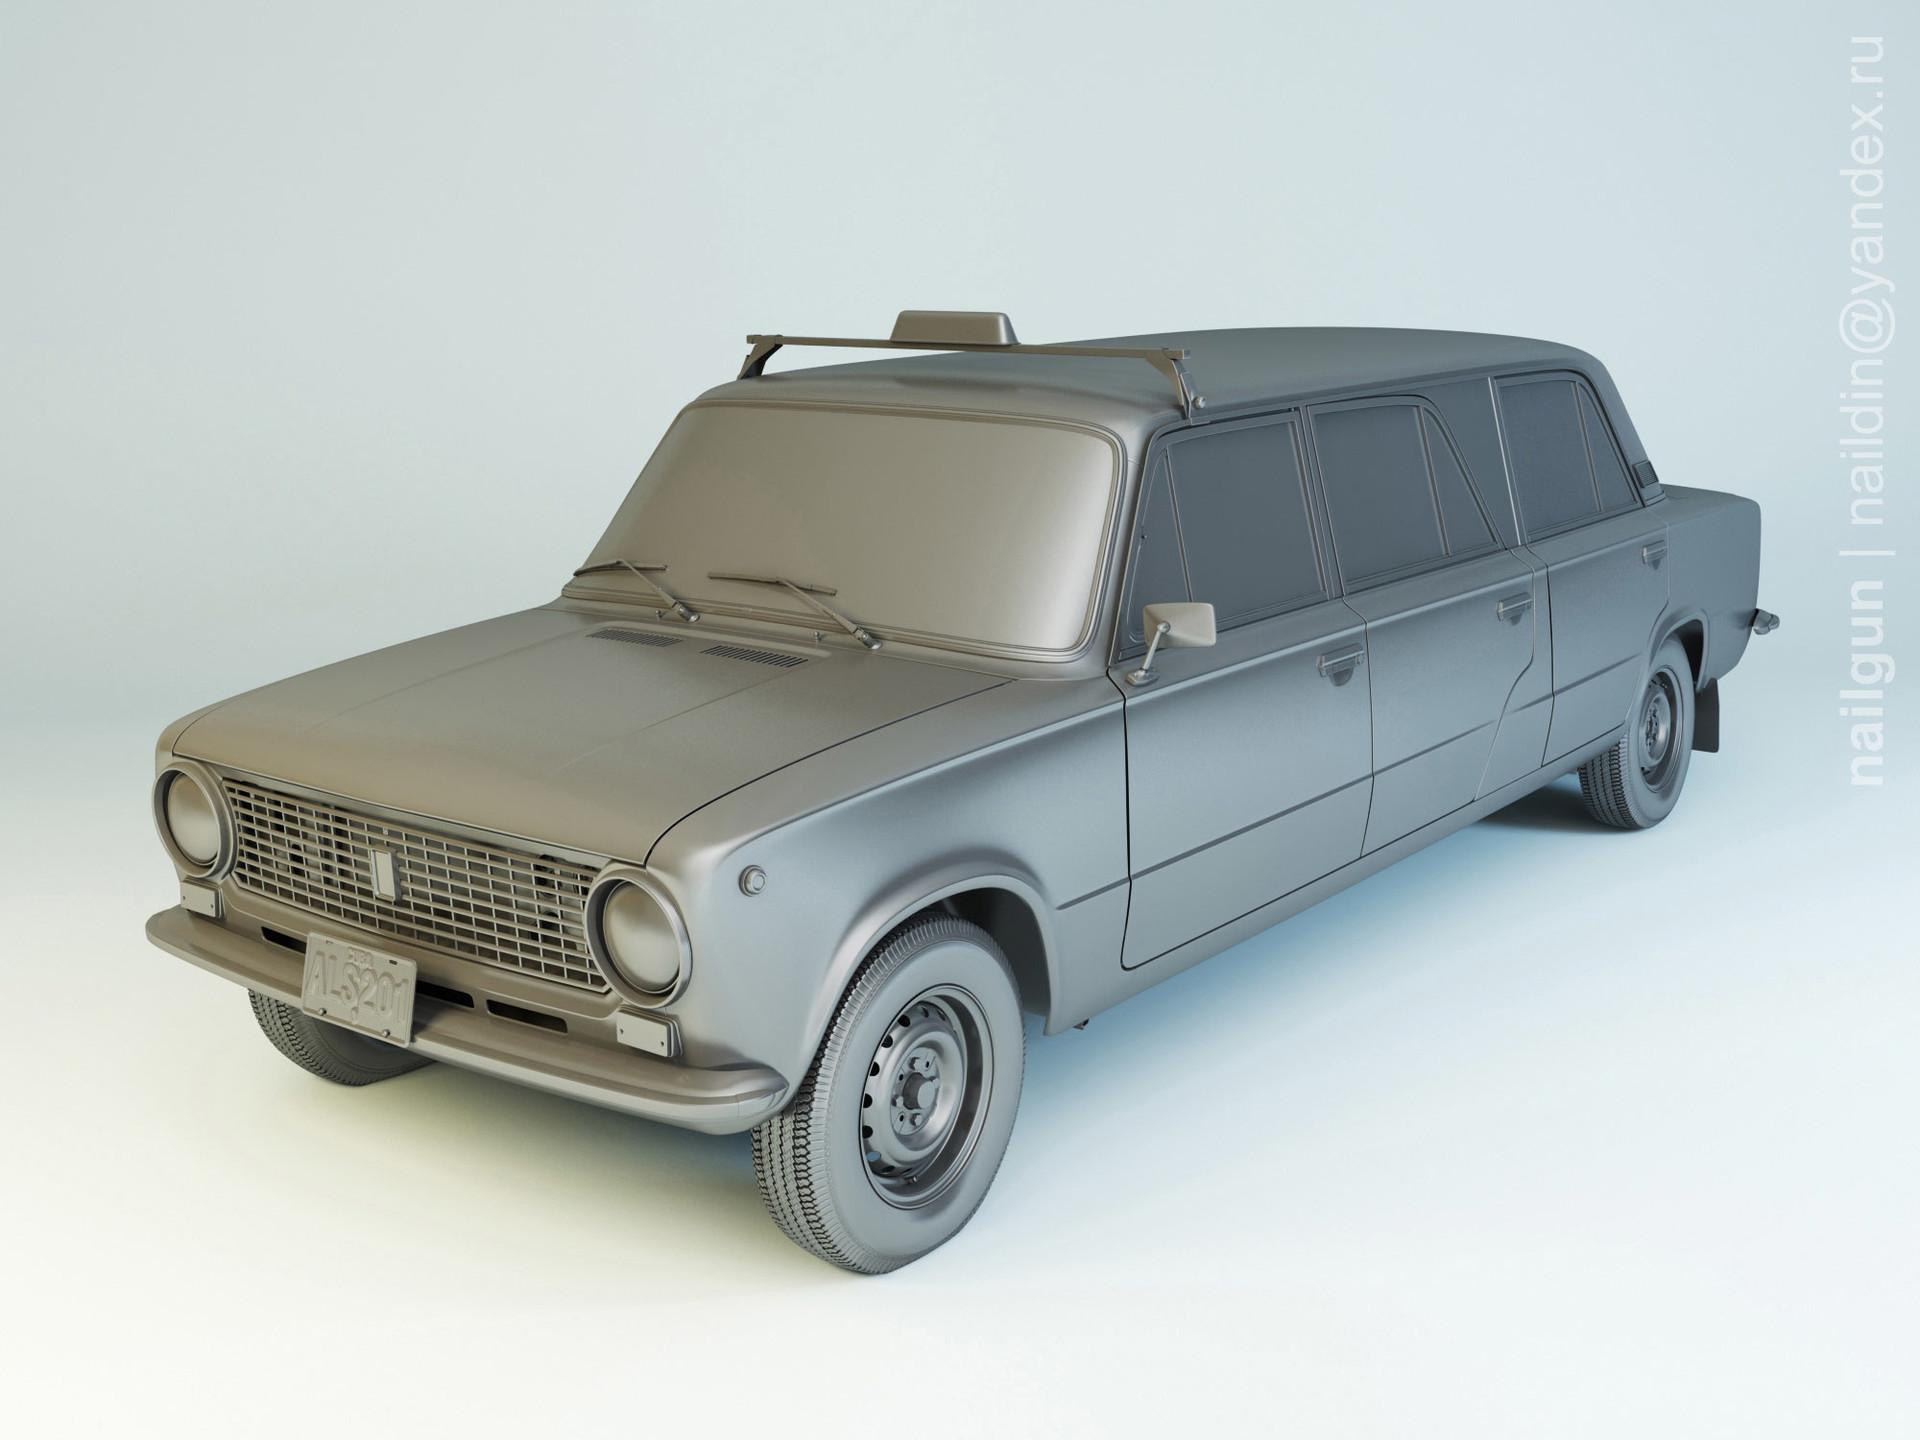 Nail khusnutdinov als 201 001 vaz 21011 limousine modelling 0